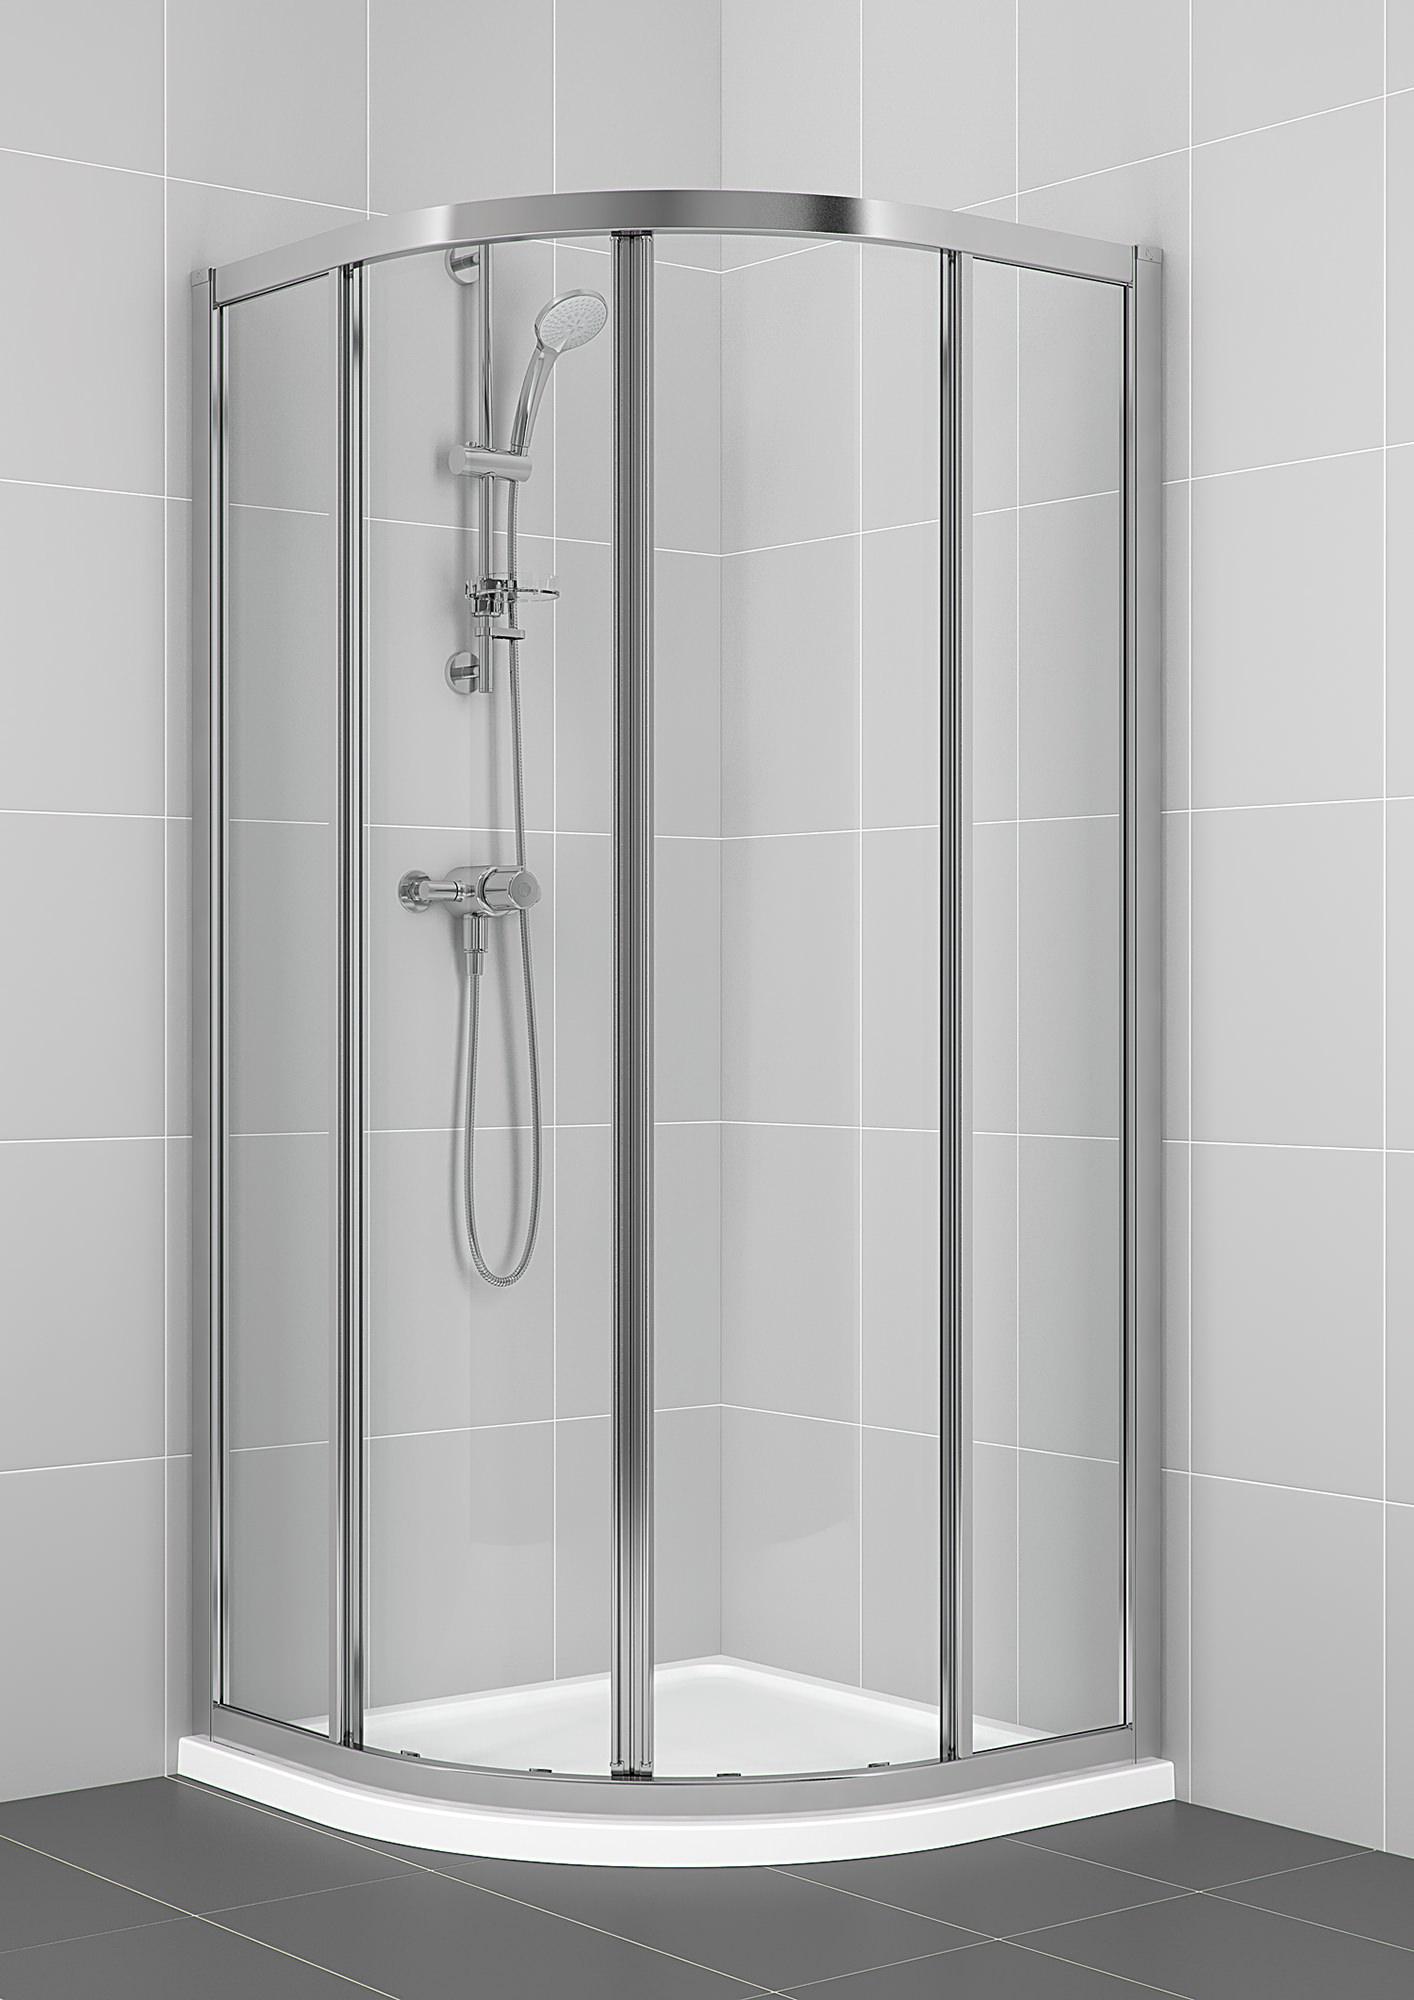 Image Result For Glborder Tiles For Bathrooms